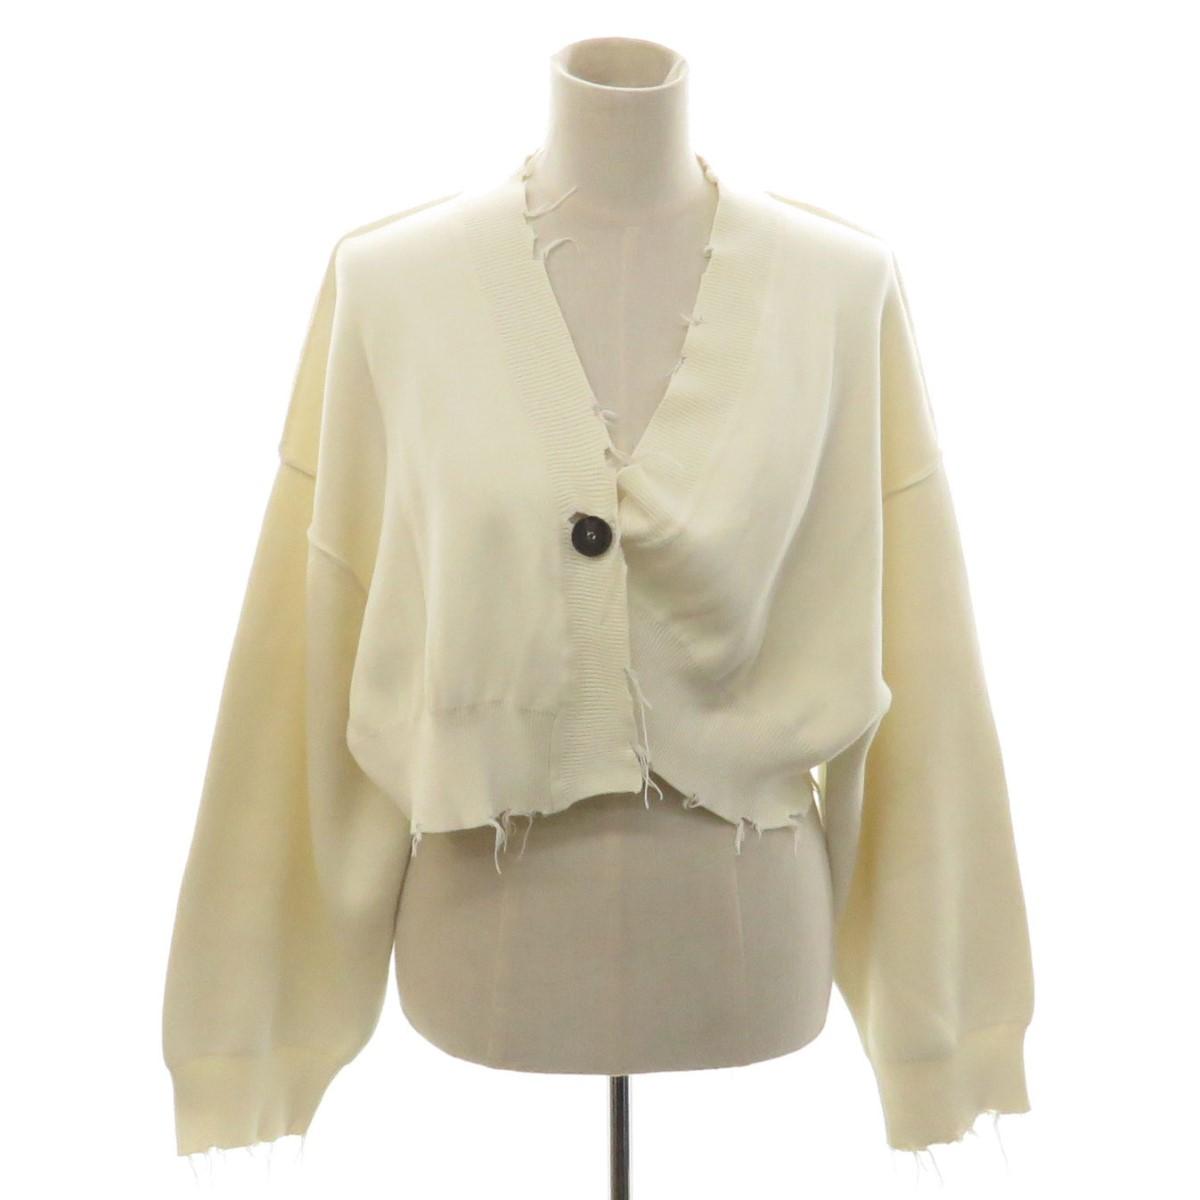 パーパーズ 中古 PERVERZE Crash 商品 Short Knit サイズ:F 170921 ダメージアシンメトリーショートニットカーディガン アイボリー Cardigan 即出荷